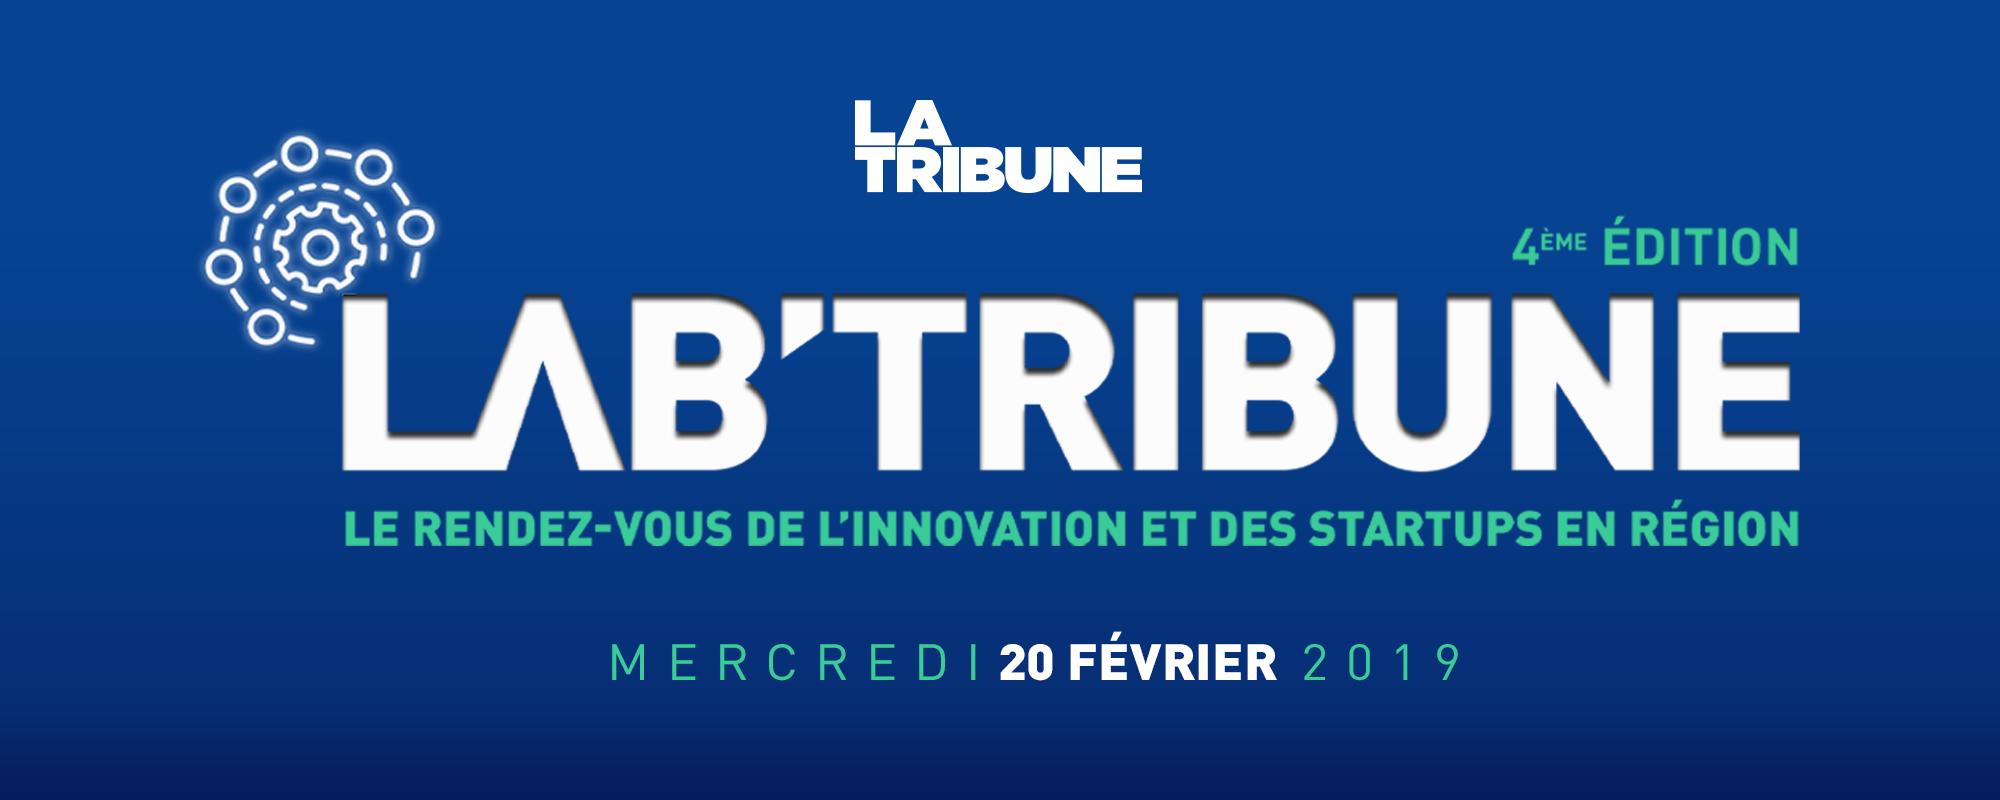 Lab'Tribune 2019